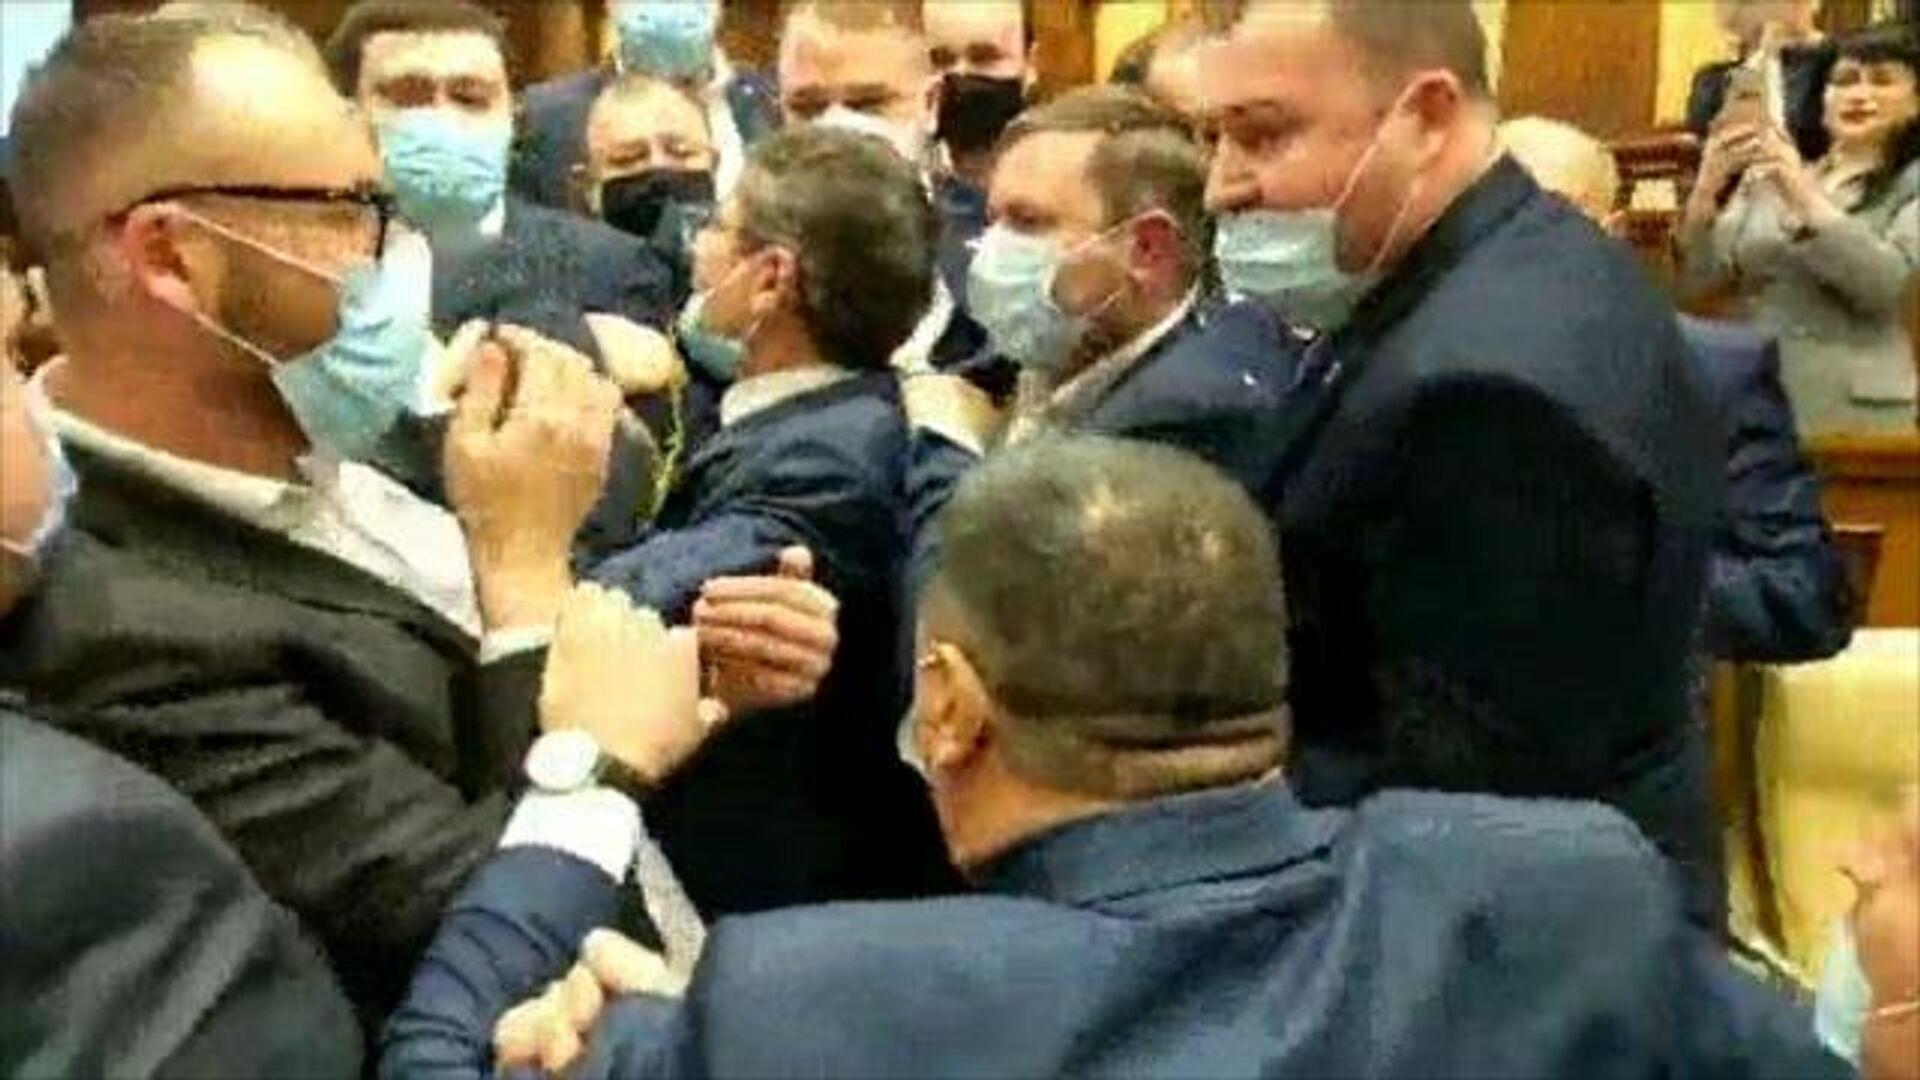 Потасовка в парламенте Молдавии: сторонники Санду пытаются прорваться к министру финансов - РИА Новости, 1920, 03.12.2020